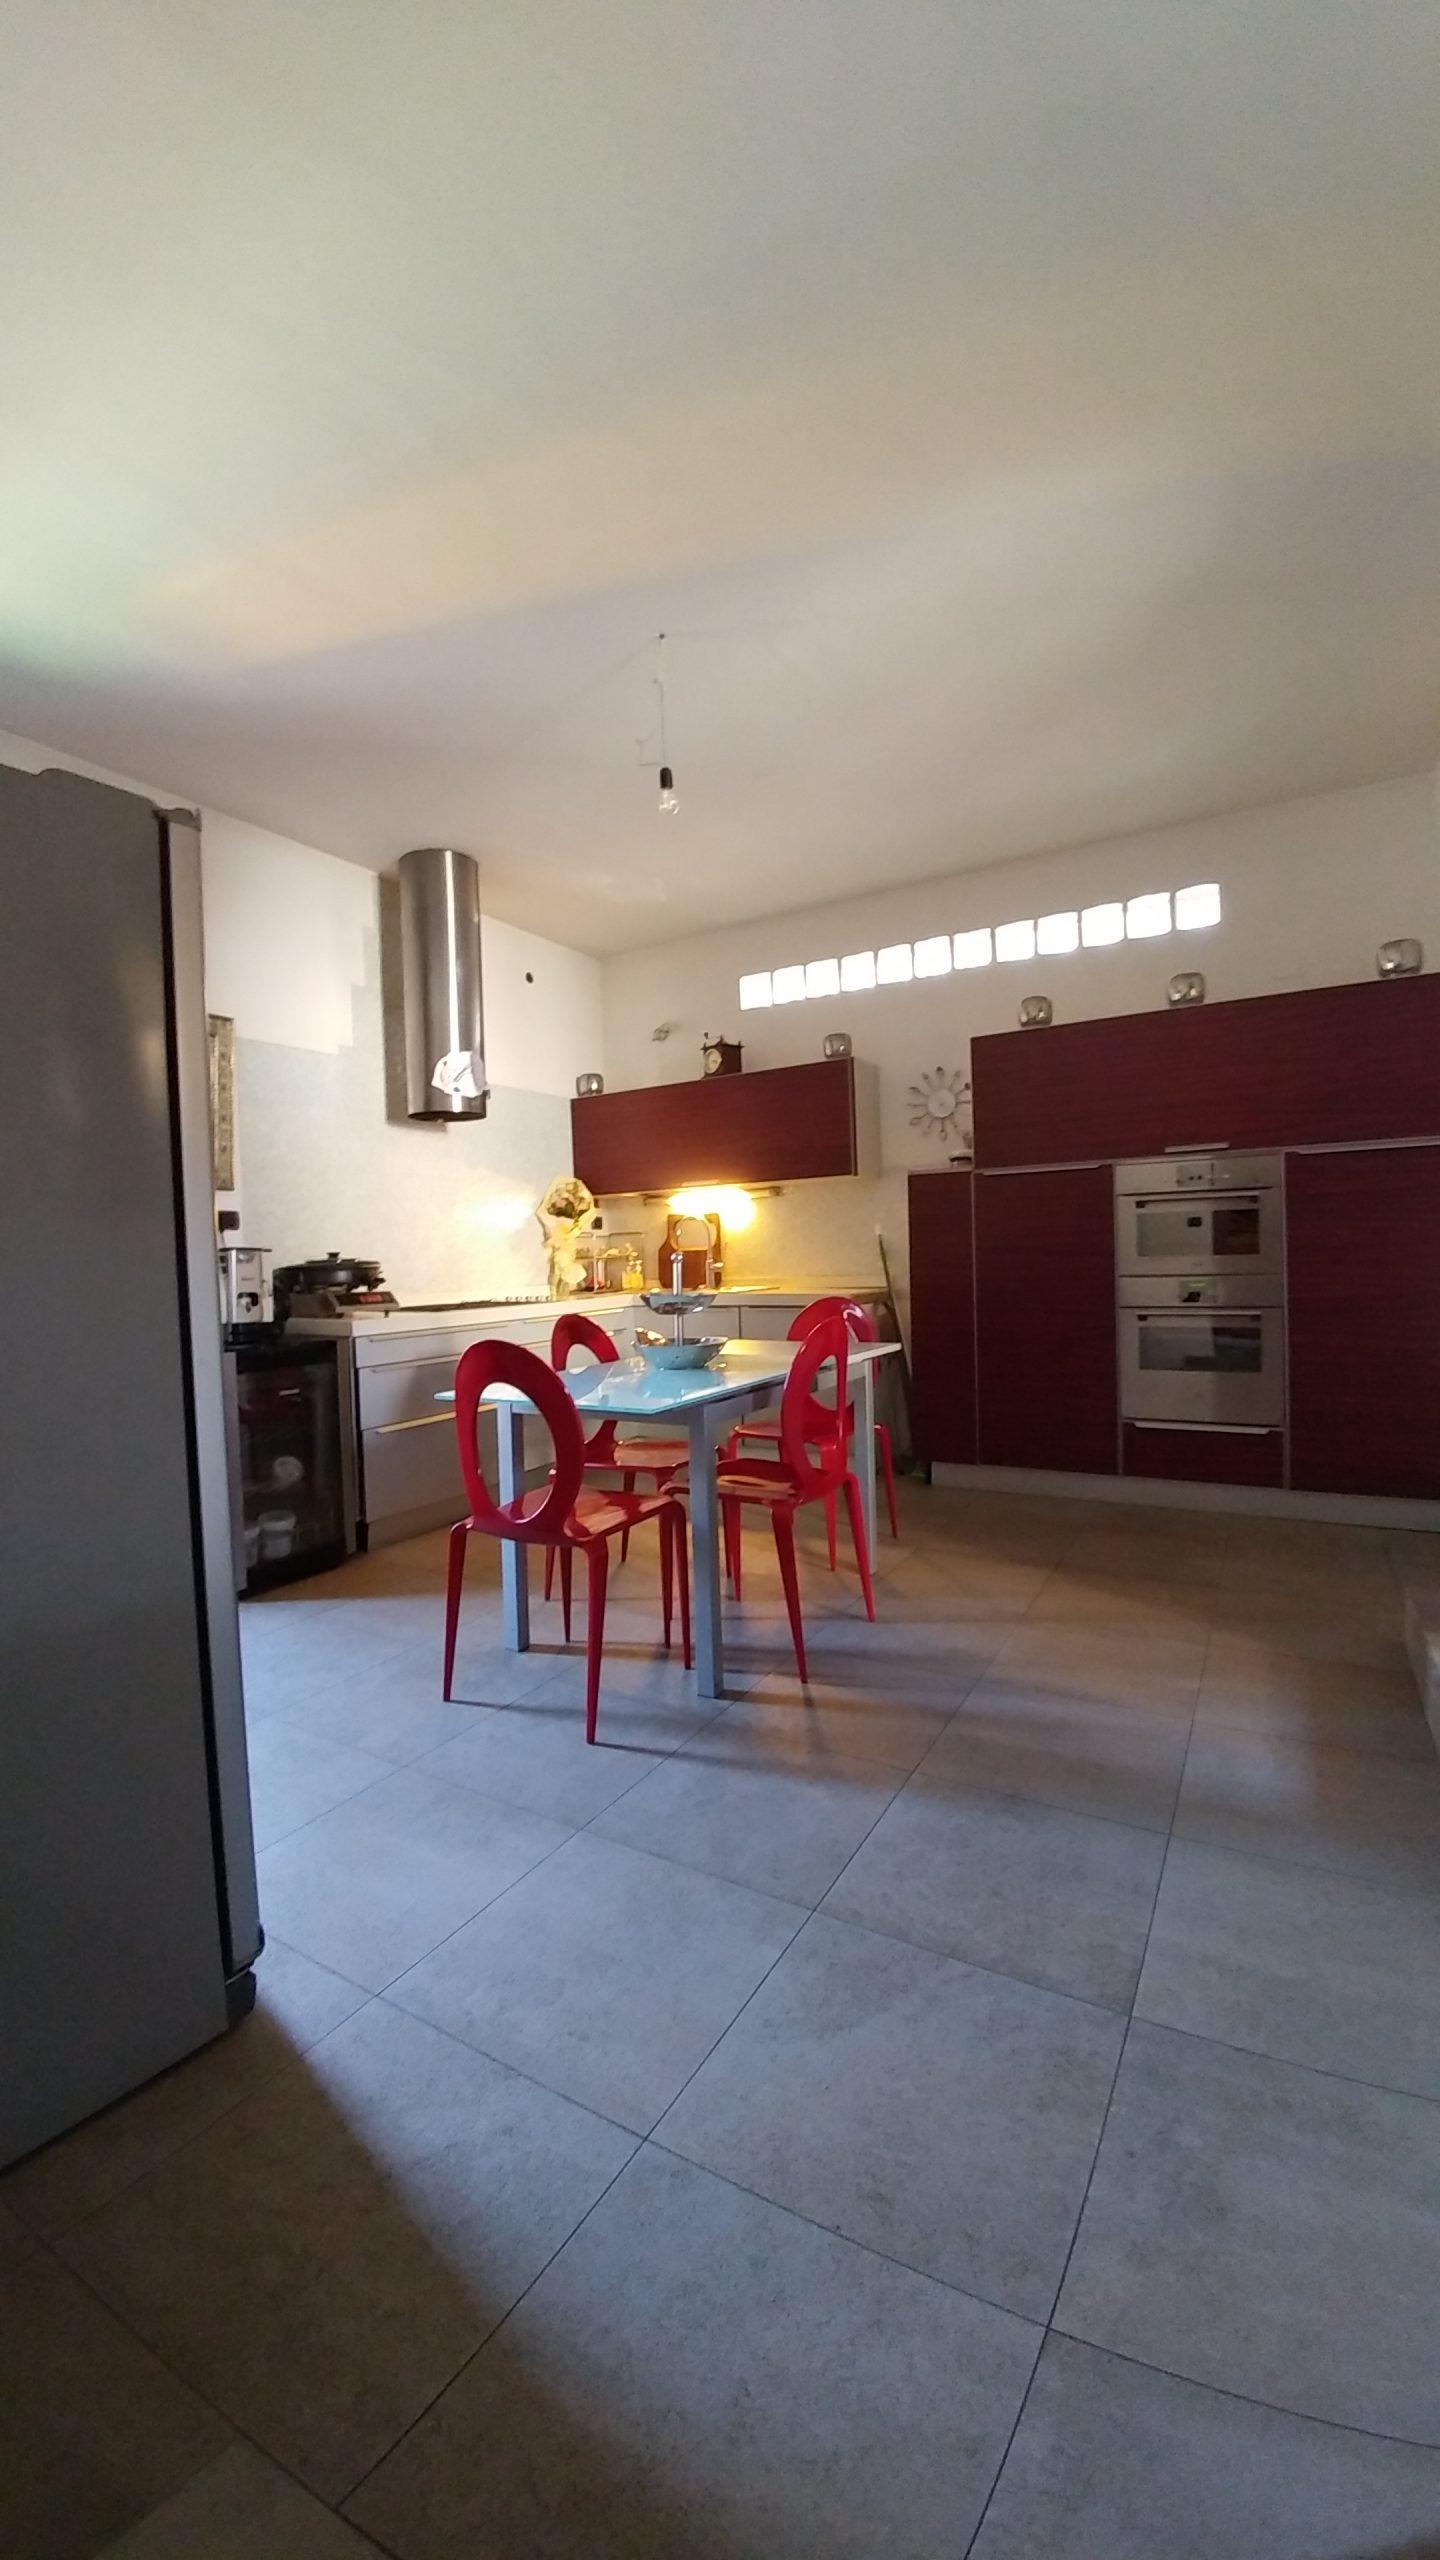 Vendesi casa indipendente € 295.000 con giardino Brisighella